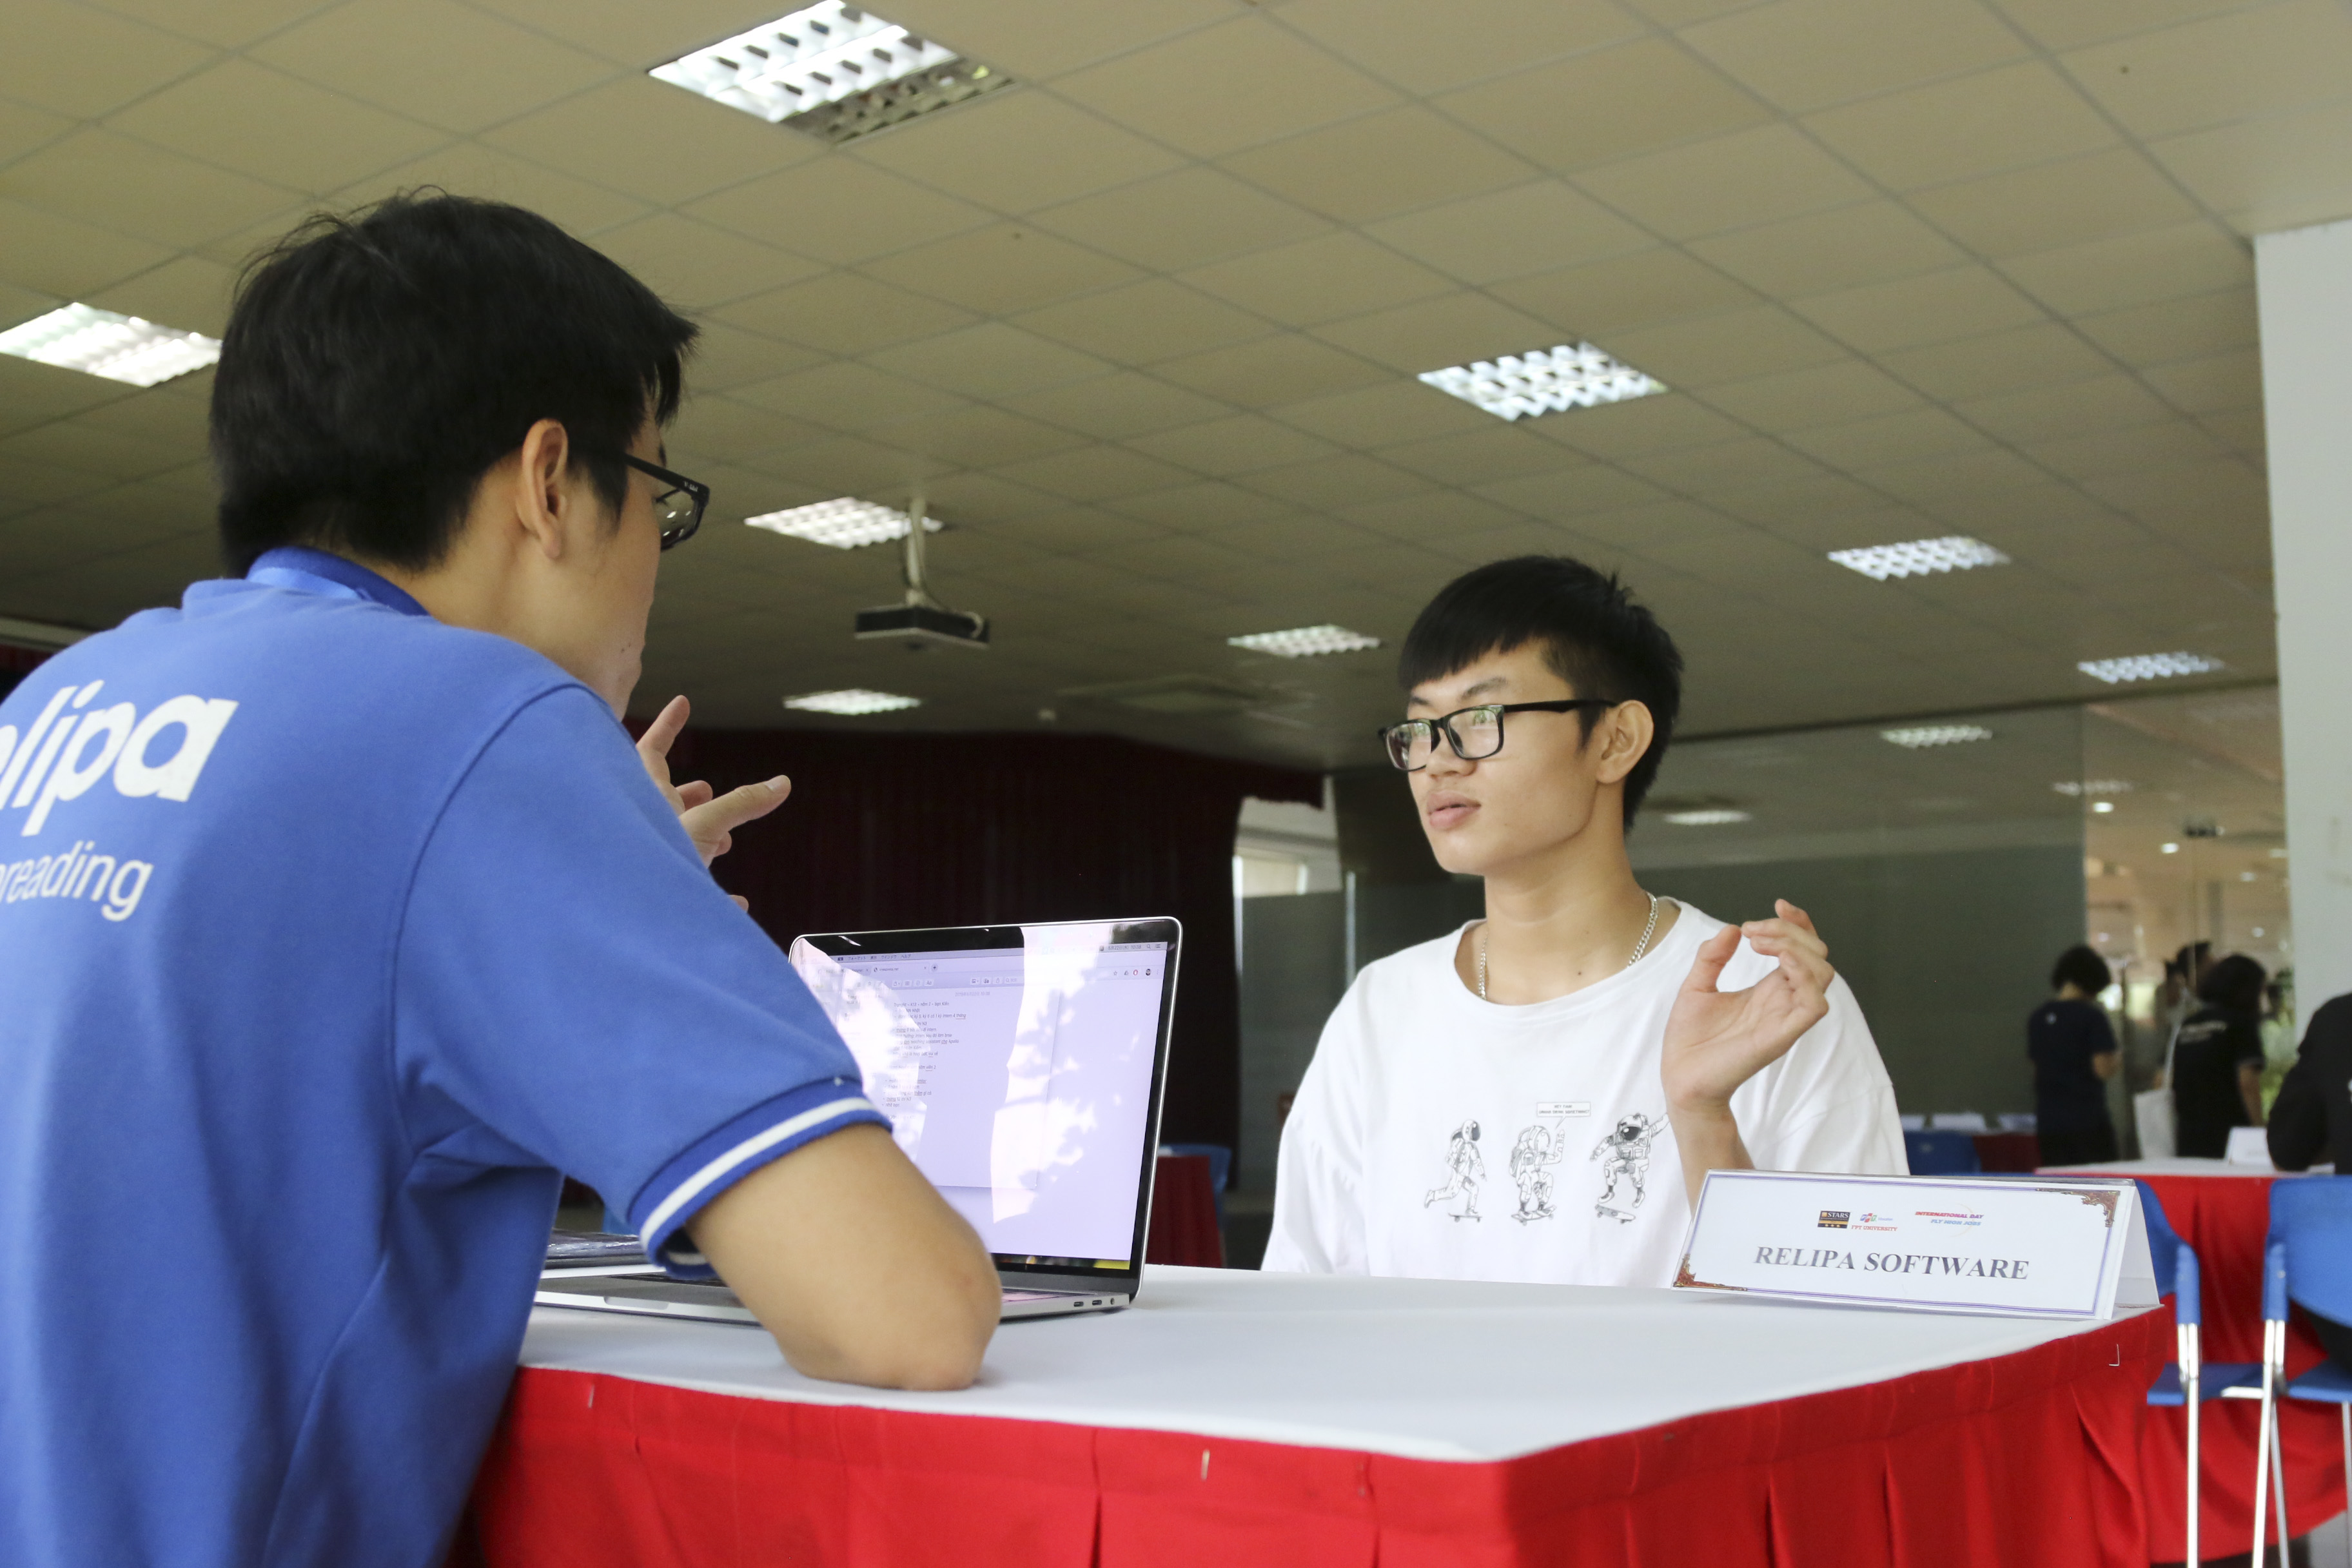 Nguyễn Văn Long, sinh viên năm 2 ngành Ngôn ngữ Nhật, kết thúc cuộc phỏng vấn ngắn với khuôn mặt tươi cười. Cậu bạn chia sẻ đây là lần thứ 2 tham dự ngày hội việc làm và rất thích thú vì mang lại nhiều cơ hội cho bản thân. Long cho biết sau khi phỏng vấn sẽ lập tức về nhà gửi CV cho nhà tuyển dụng.